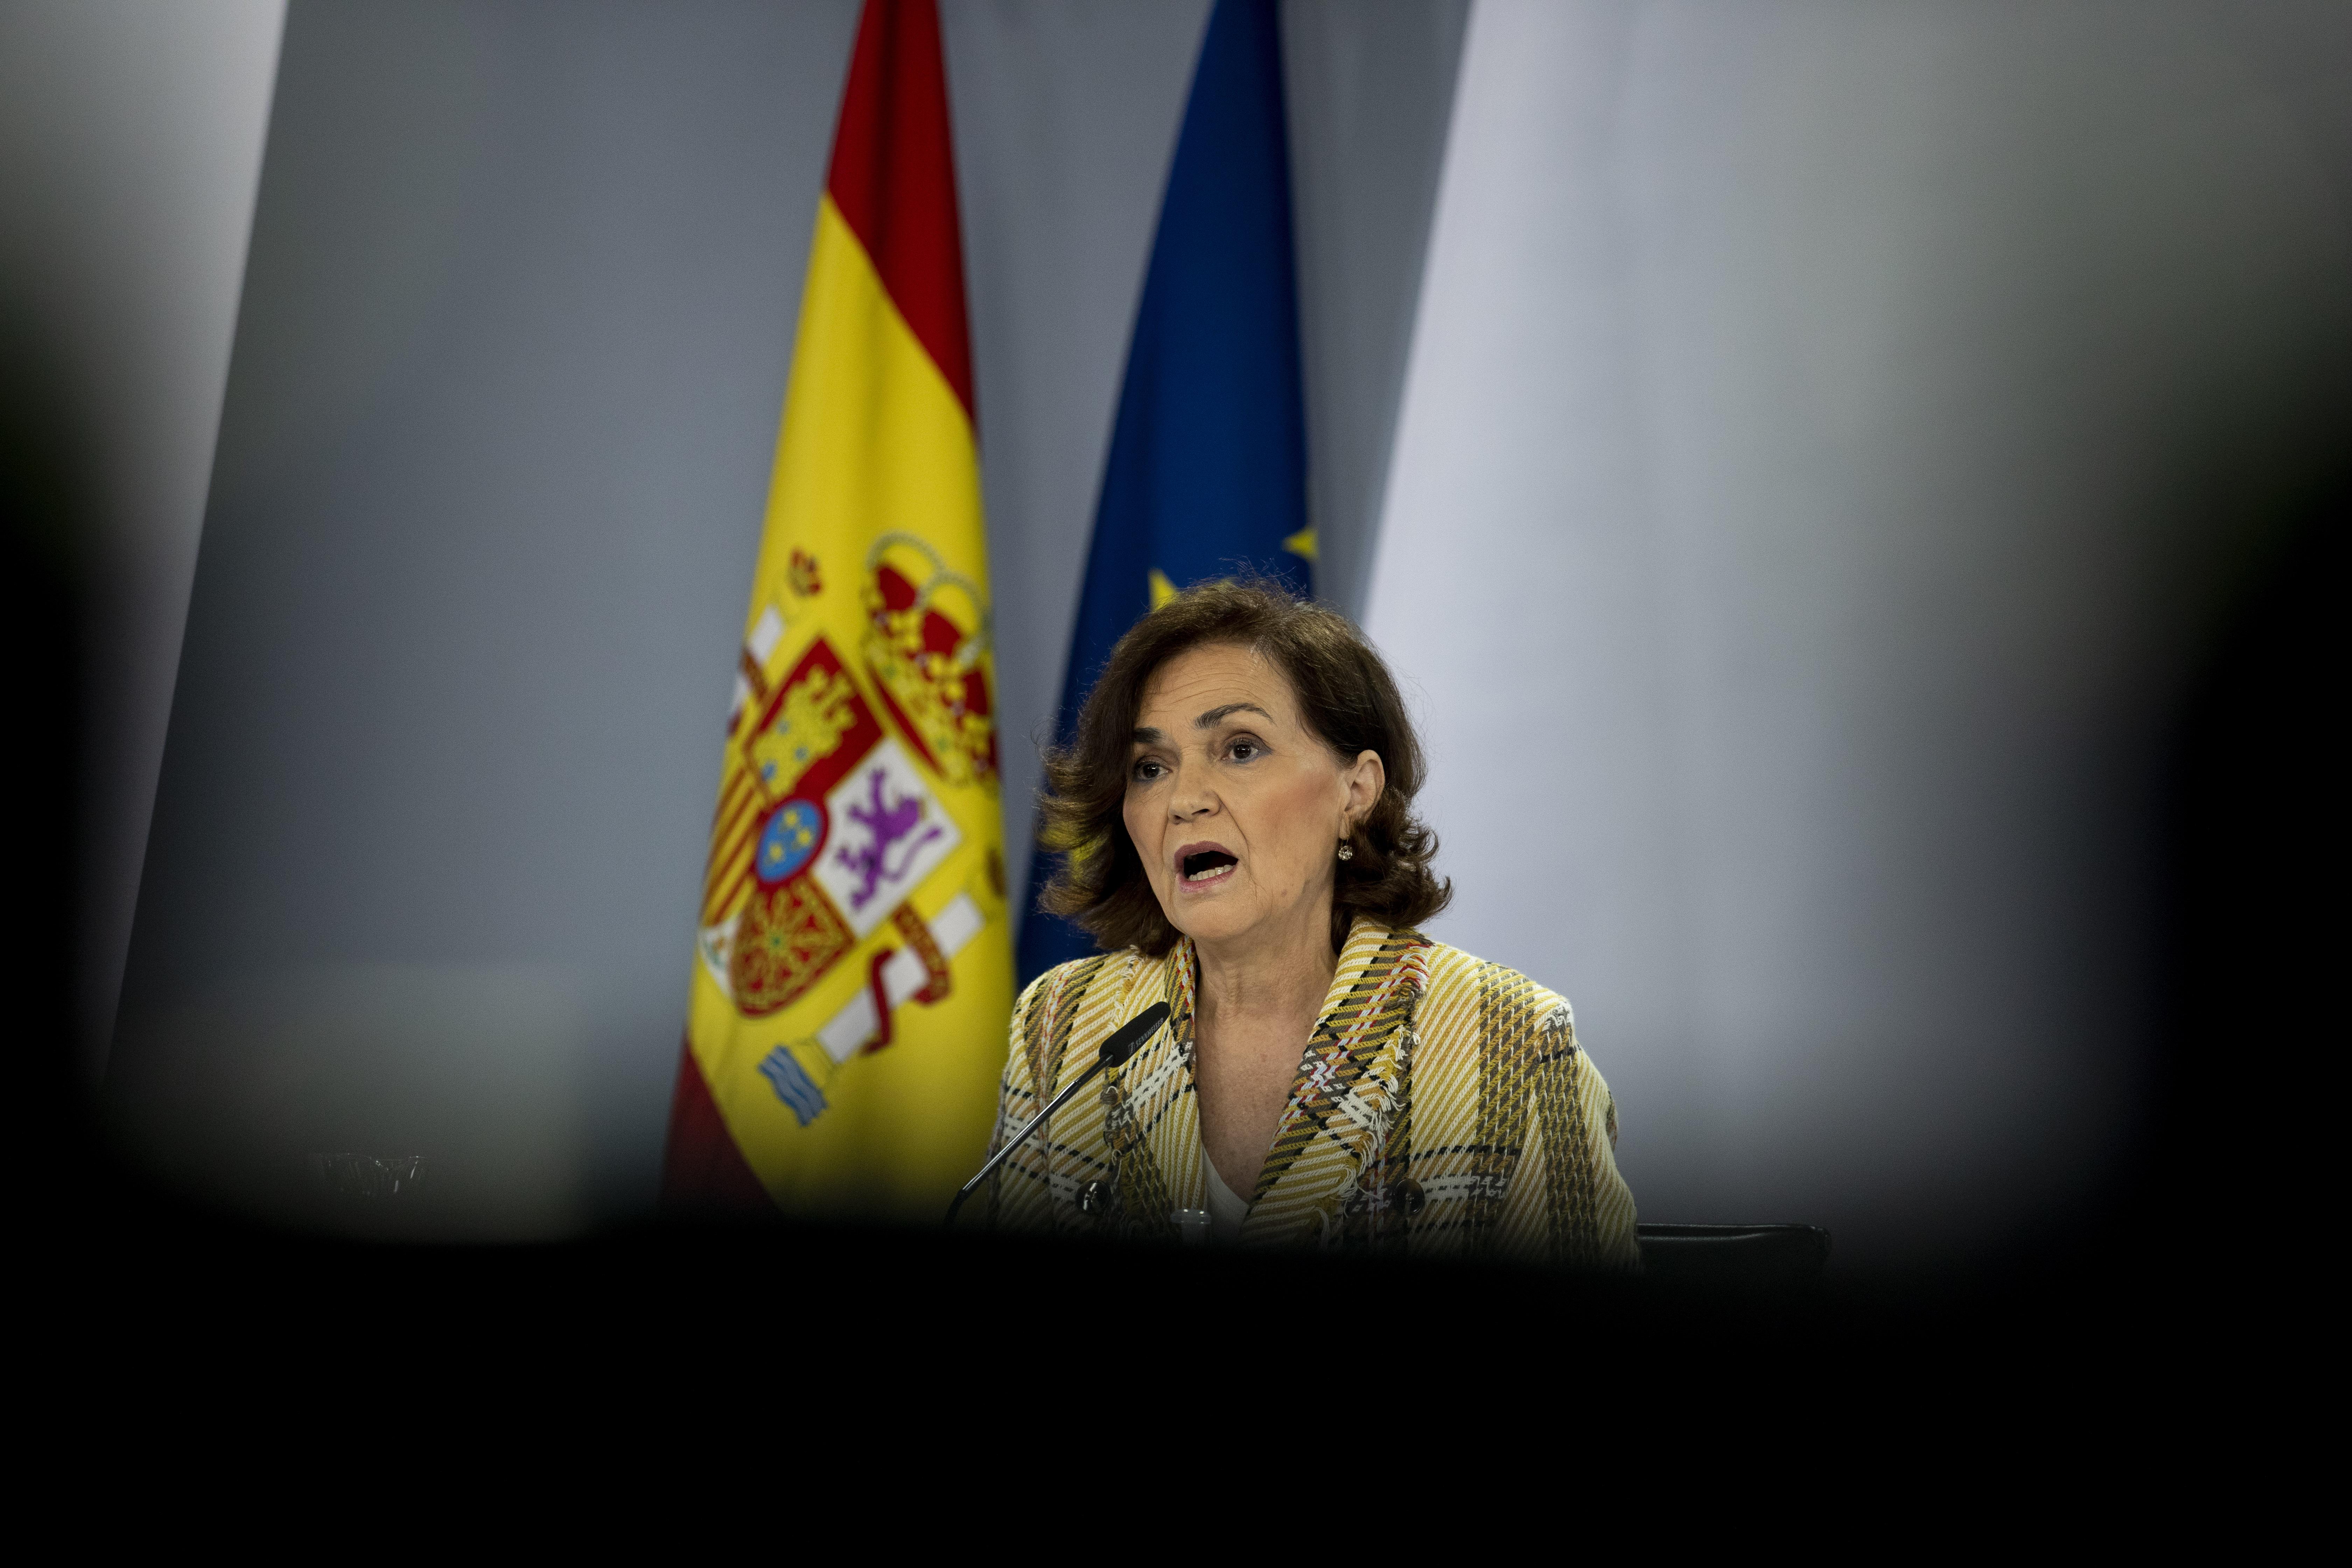 La vicepresidente Carmen Calvo (PSOE) es uno de los principales escollos de Irene Montero (UP) para llevar a cabo el proyecto de ley trans.